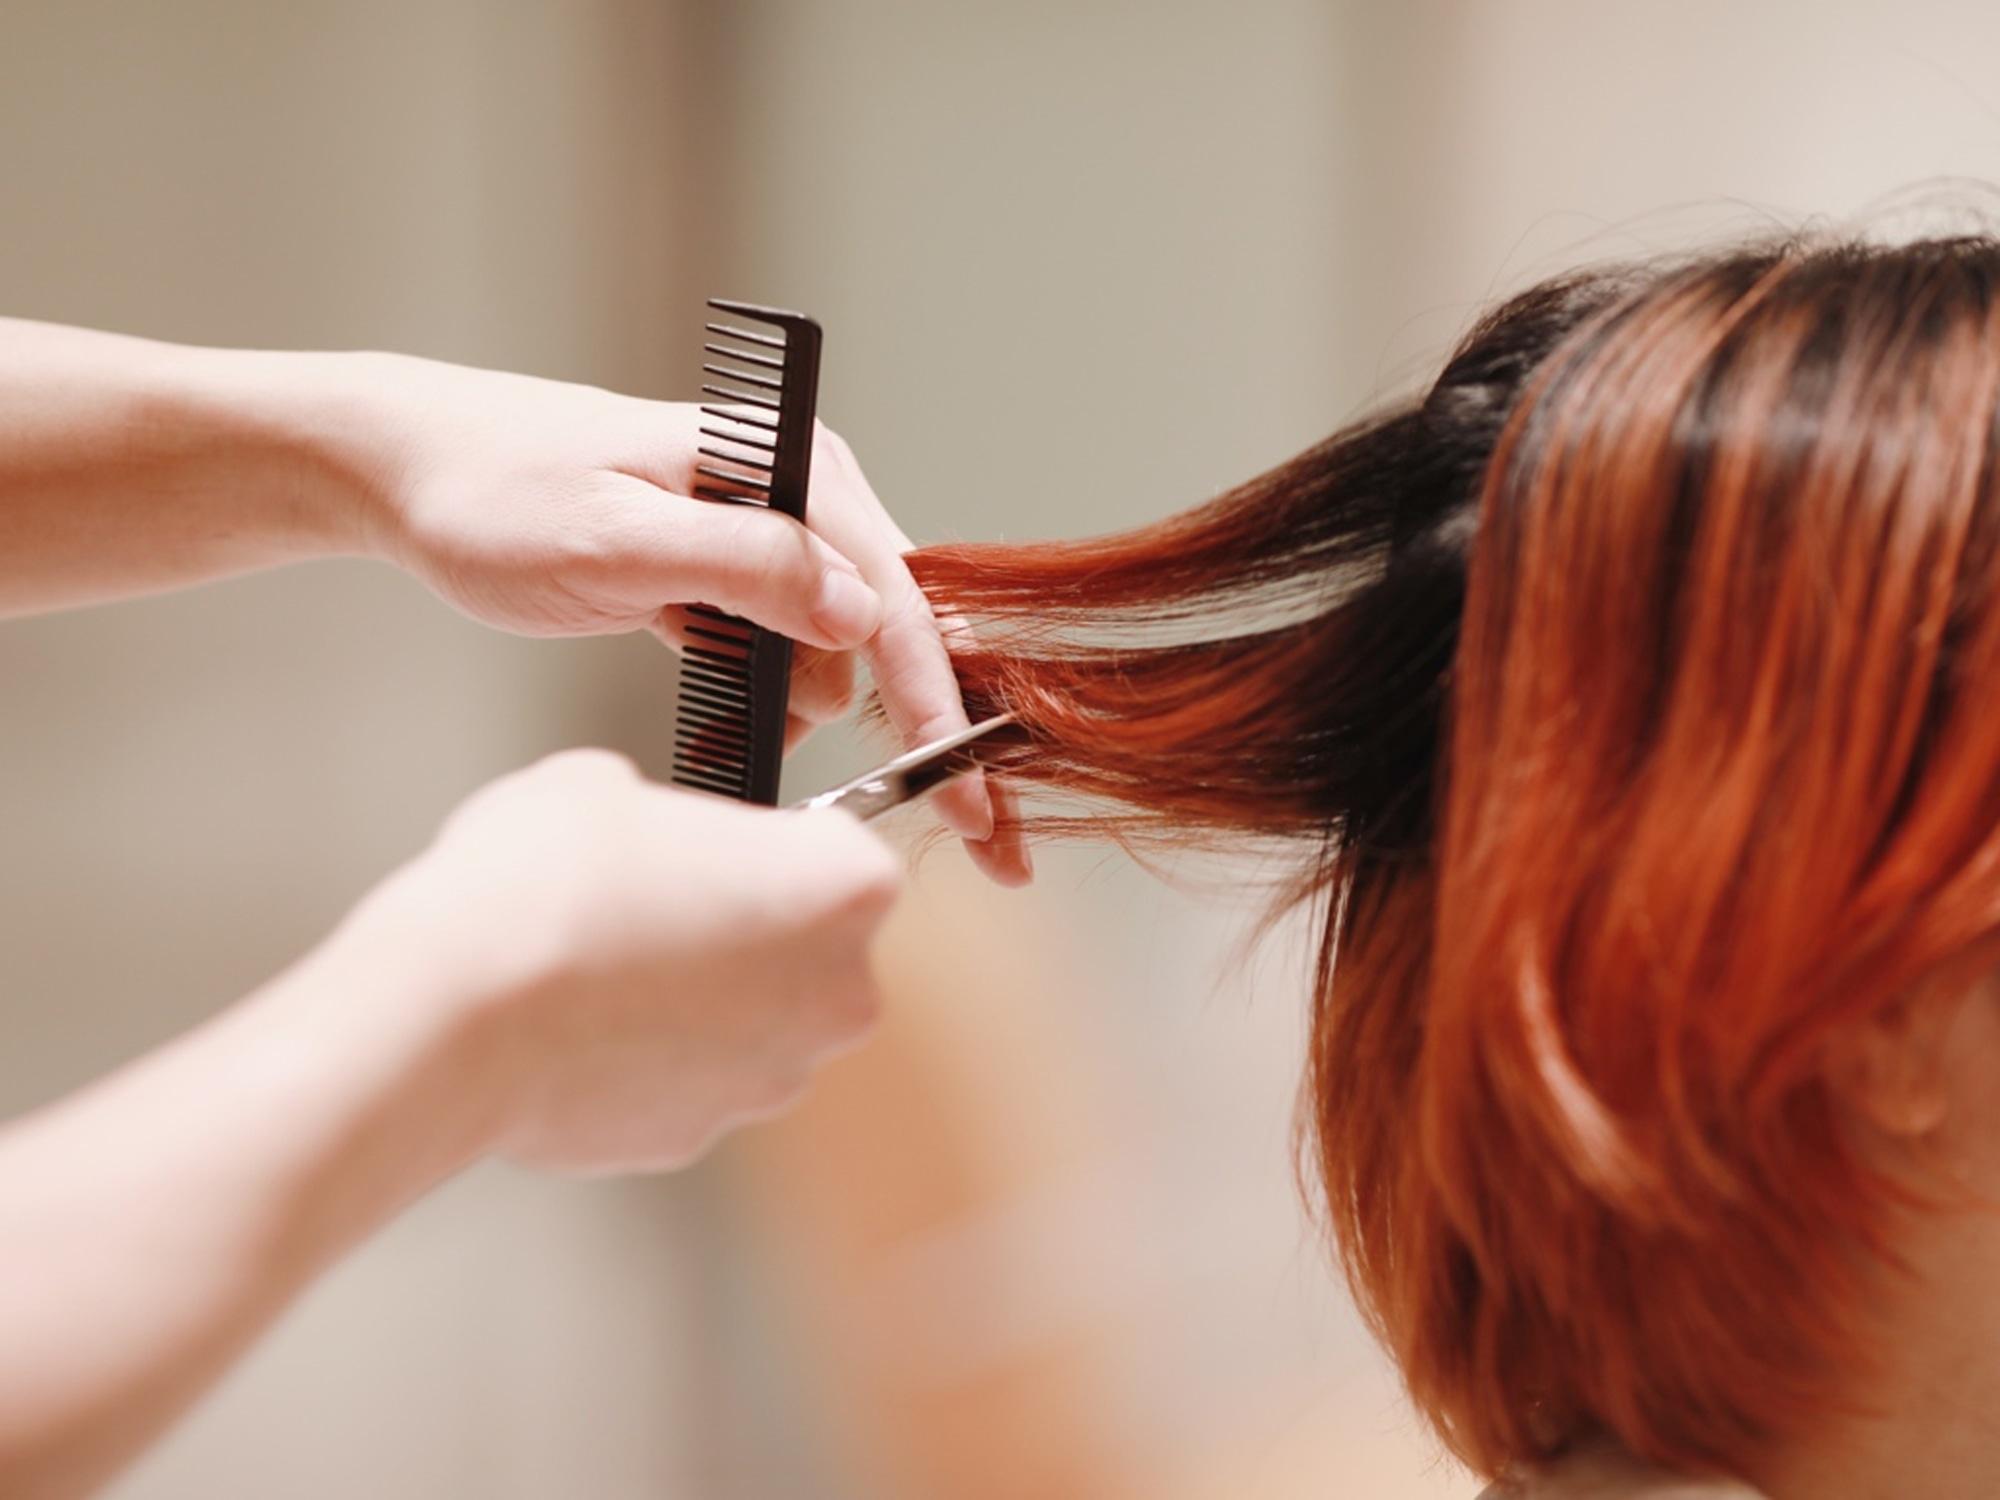 カットという技法ではなく髪の毛、1本1本の表情をつくる